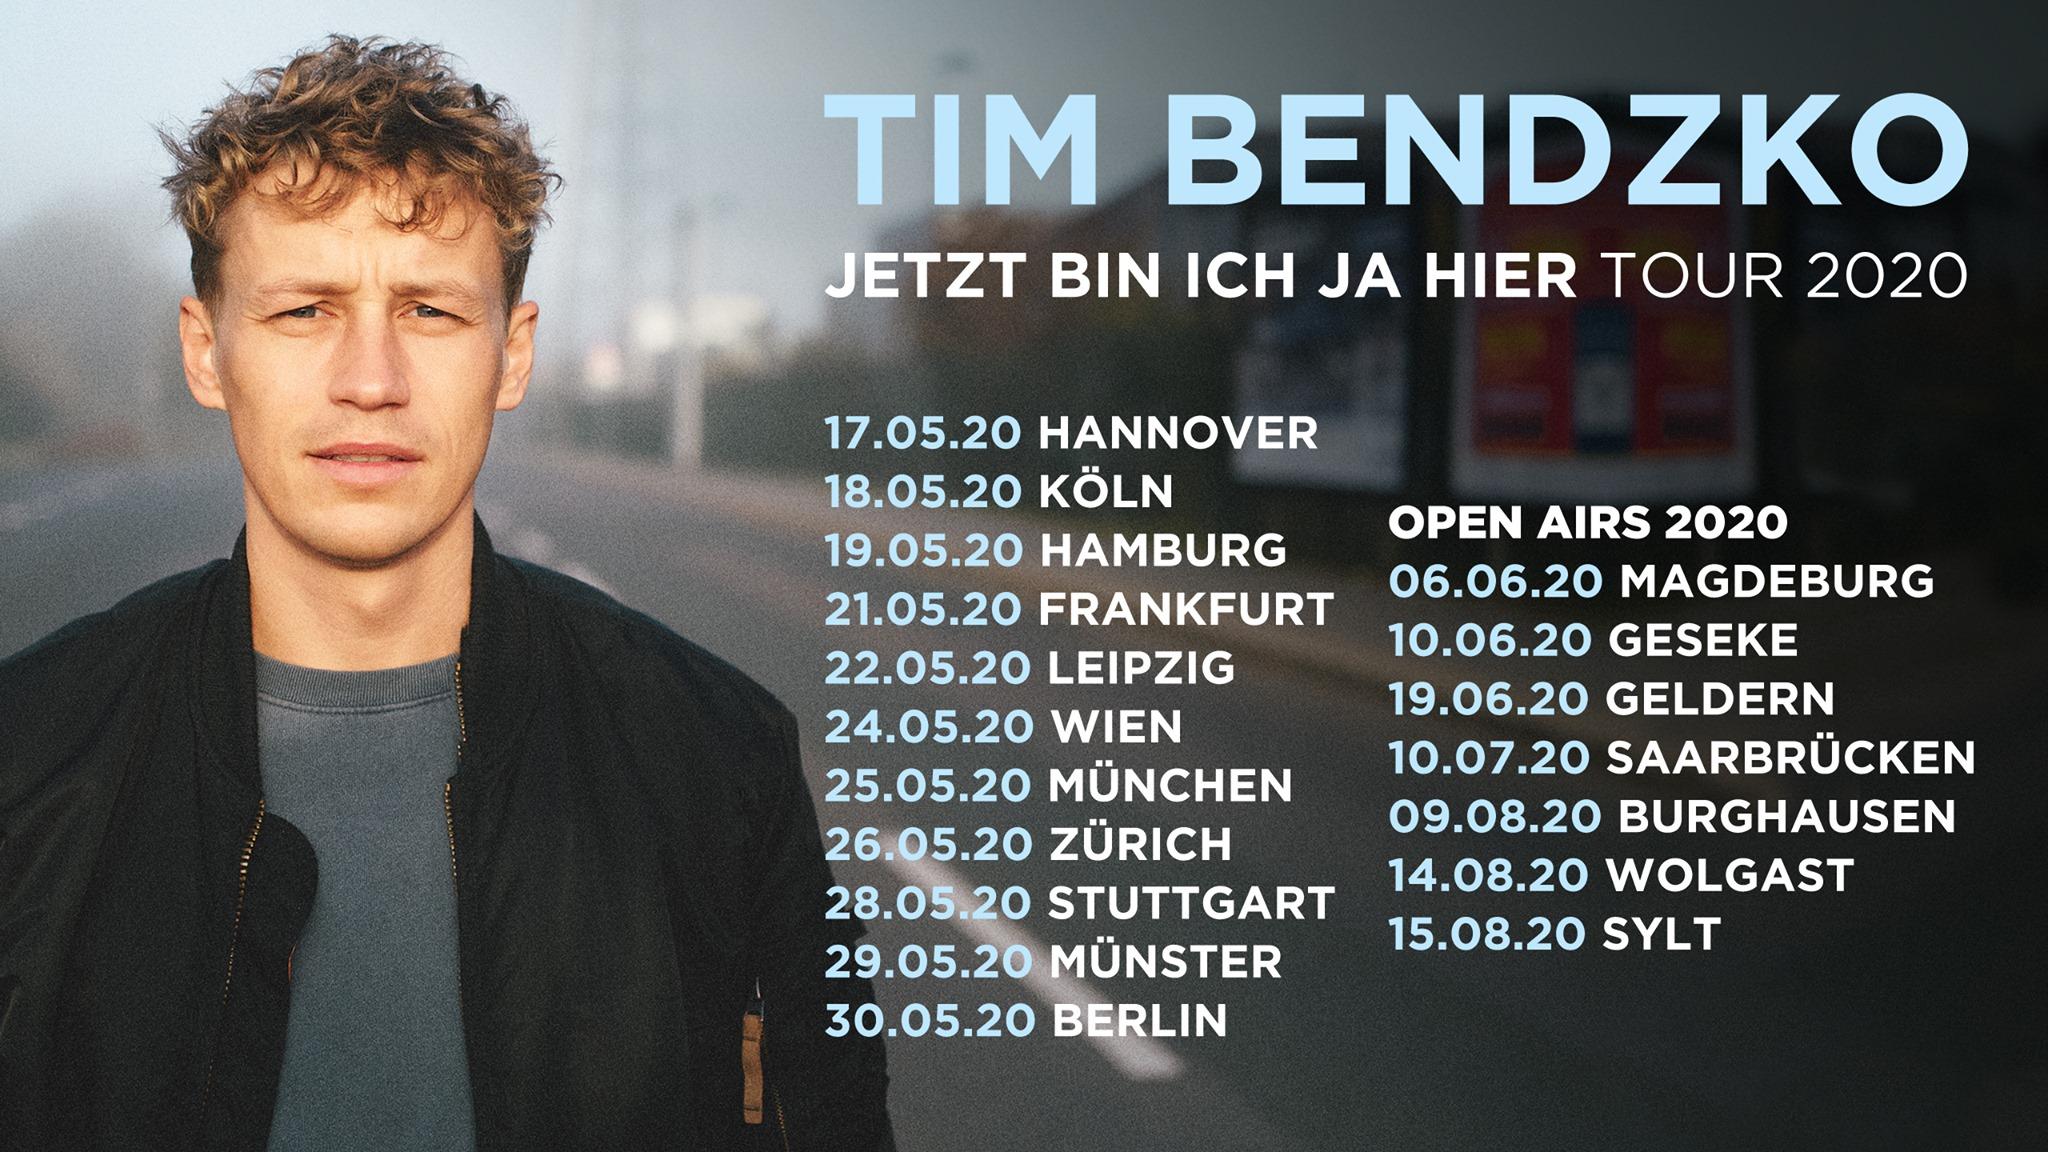 Tim Bendzko am 24. May 2020 @ Gasometer.